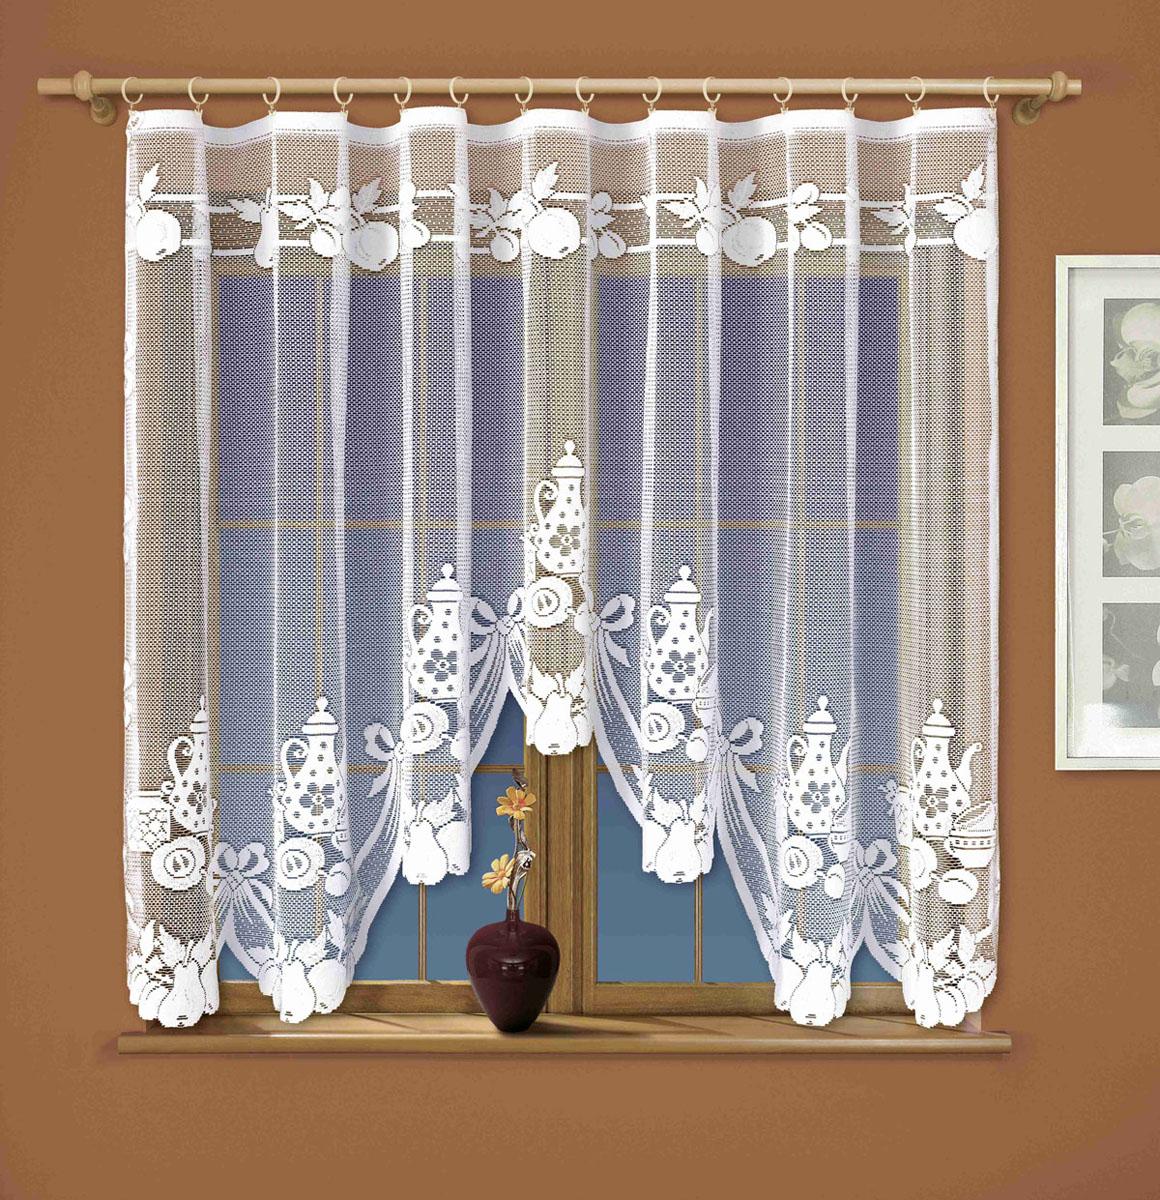 Гардина Imbryki, цвет: белый, высота 150 см736195Воздушная гардина Imbryki, изготовленная из полиэстера белого цвета, станет великолепным украшением любого окна. Тонкое плетение, оригинальный принт привлекут к себе внимание и органично впишется в интерьер комнаты. Верхняя часть гардины не оснащена крепления. Характеристики:Материал: 100% полиэстер. Цвет: белый. Размер упаковки:25 см х 5см х 36 см. Артикул: 712045.В комплект входит:Гардина - 1 шт. Размер (ШхВ): 300 см х 150 см. Фирма Wisan на польском рынке существует уже более пятидесяти лет и является одной из лучших польских фабрик по производству штор и тканей. Ассортимент фирмы представлен готовыми комплектами штор для гостиной, детской, кухни, а также текстилем для кухни (скатерти, салфетки, дорожки, кухонные занавески). Модельный ряд отличает оригинальный дизайн, высокое качество. Ассортимент продукции постоянно пополняется.